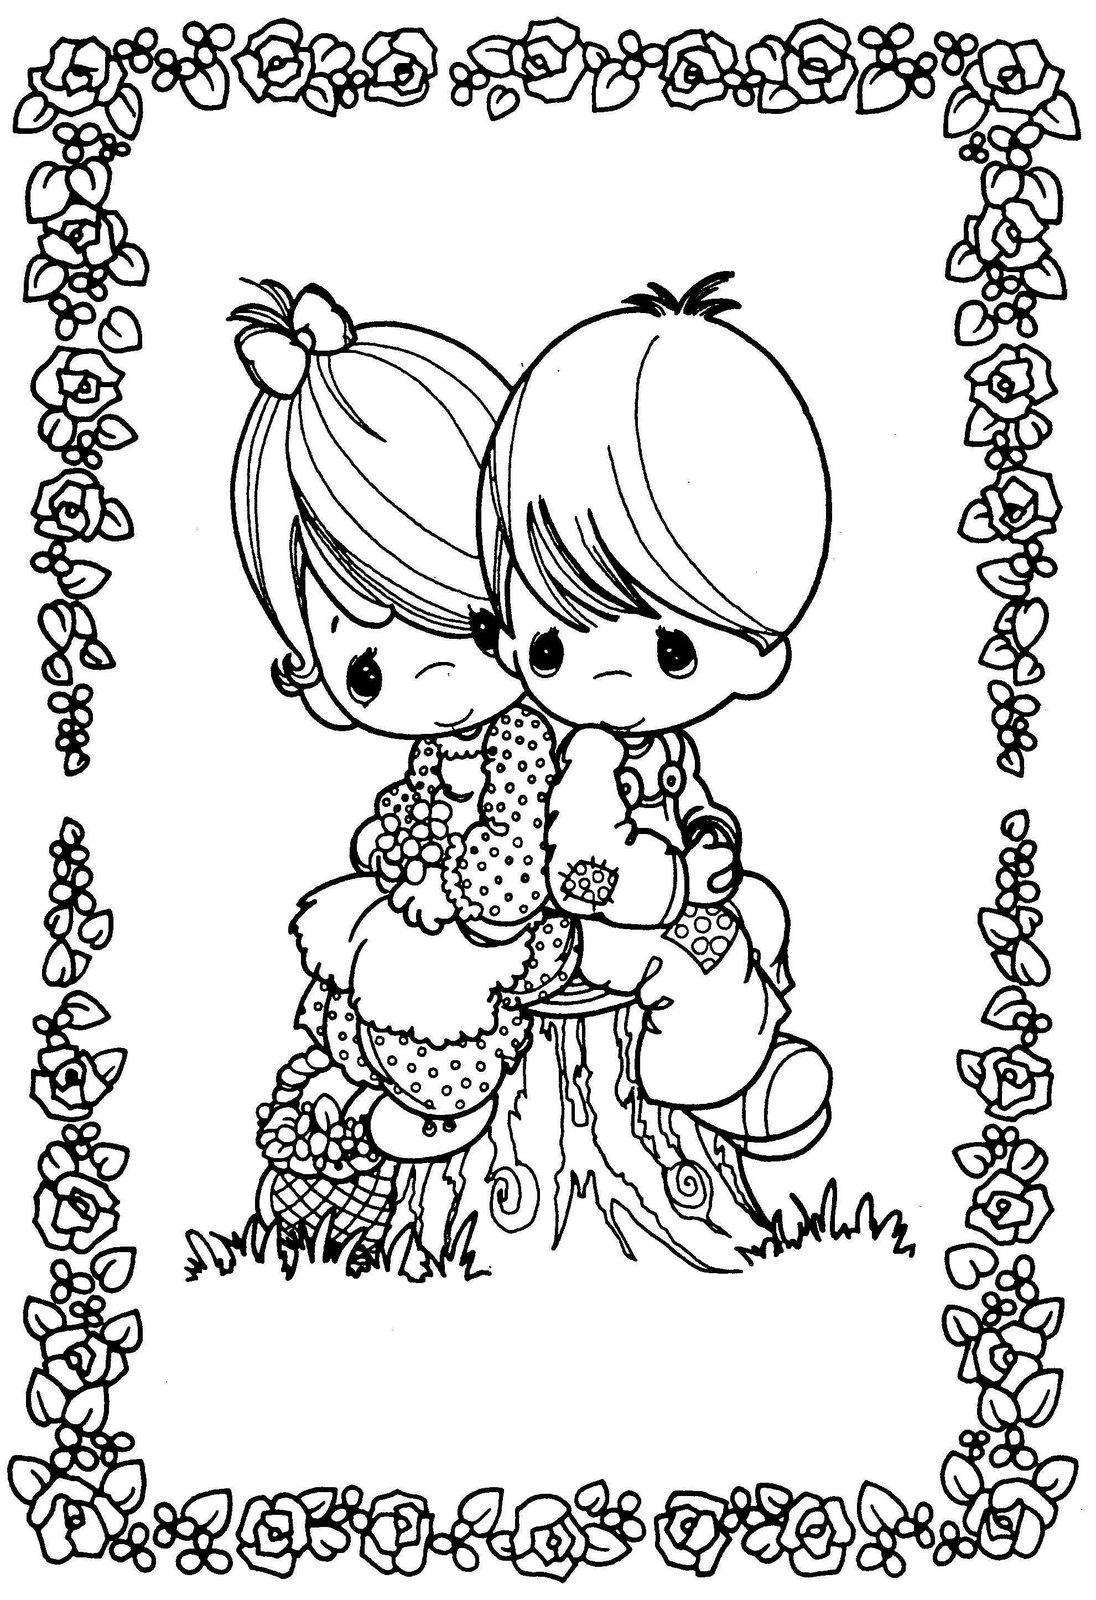 Dibujos para Colorear y Manualidades: Amor para colorear